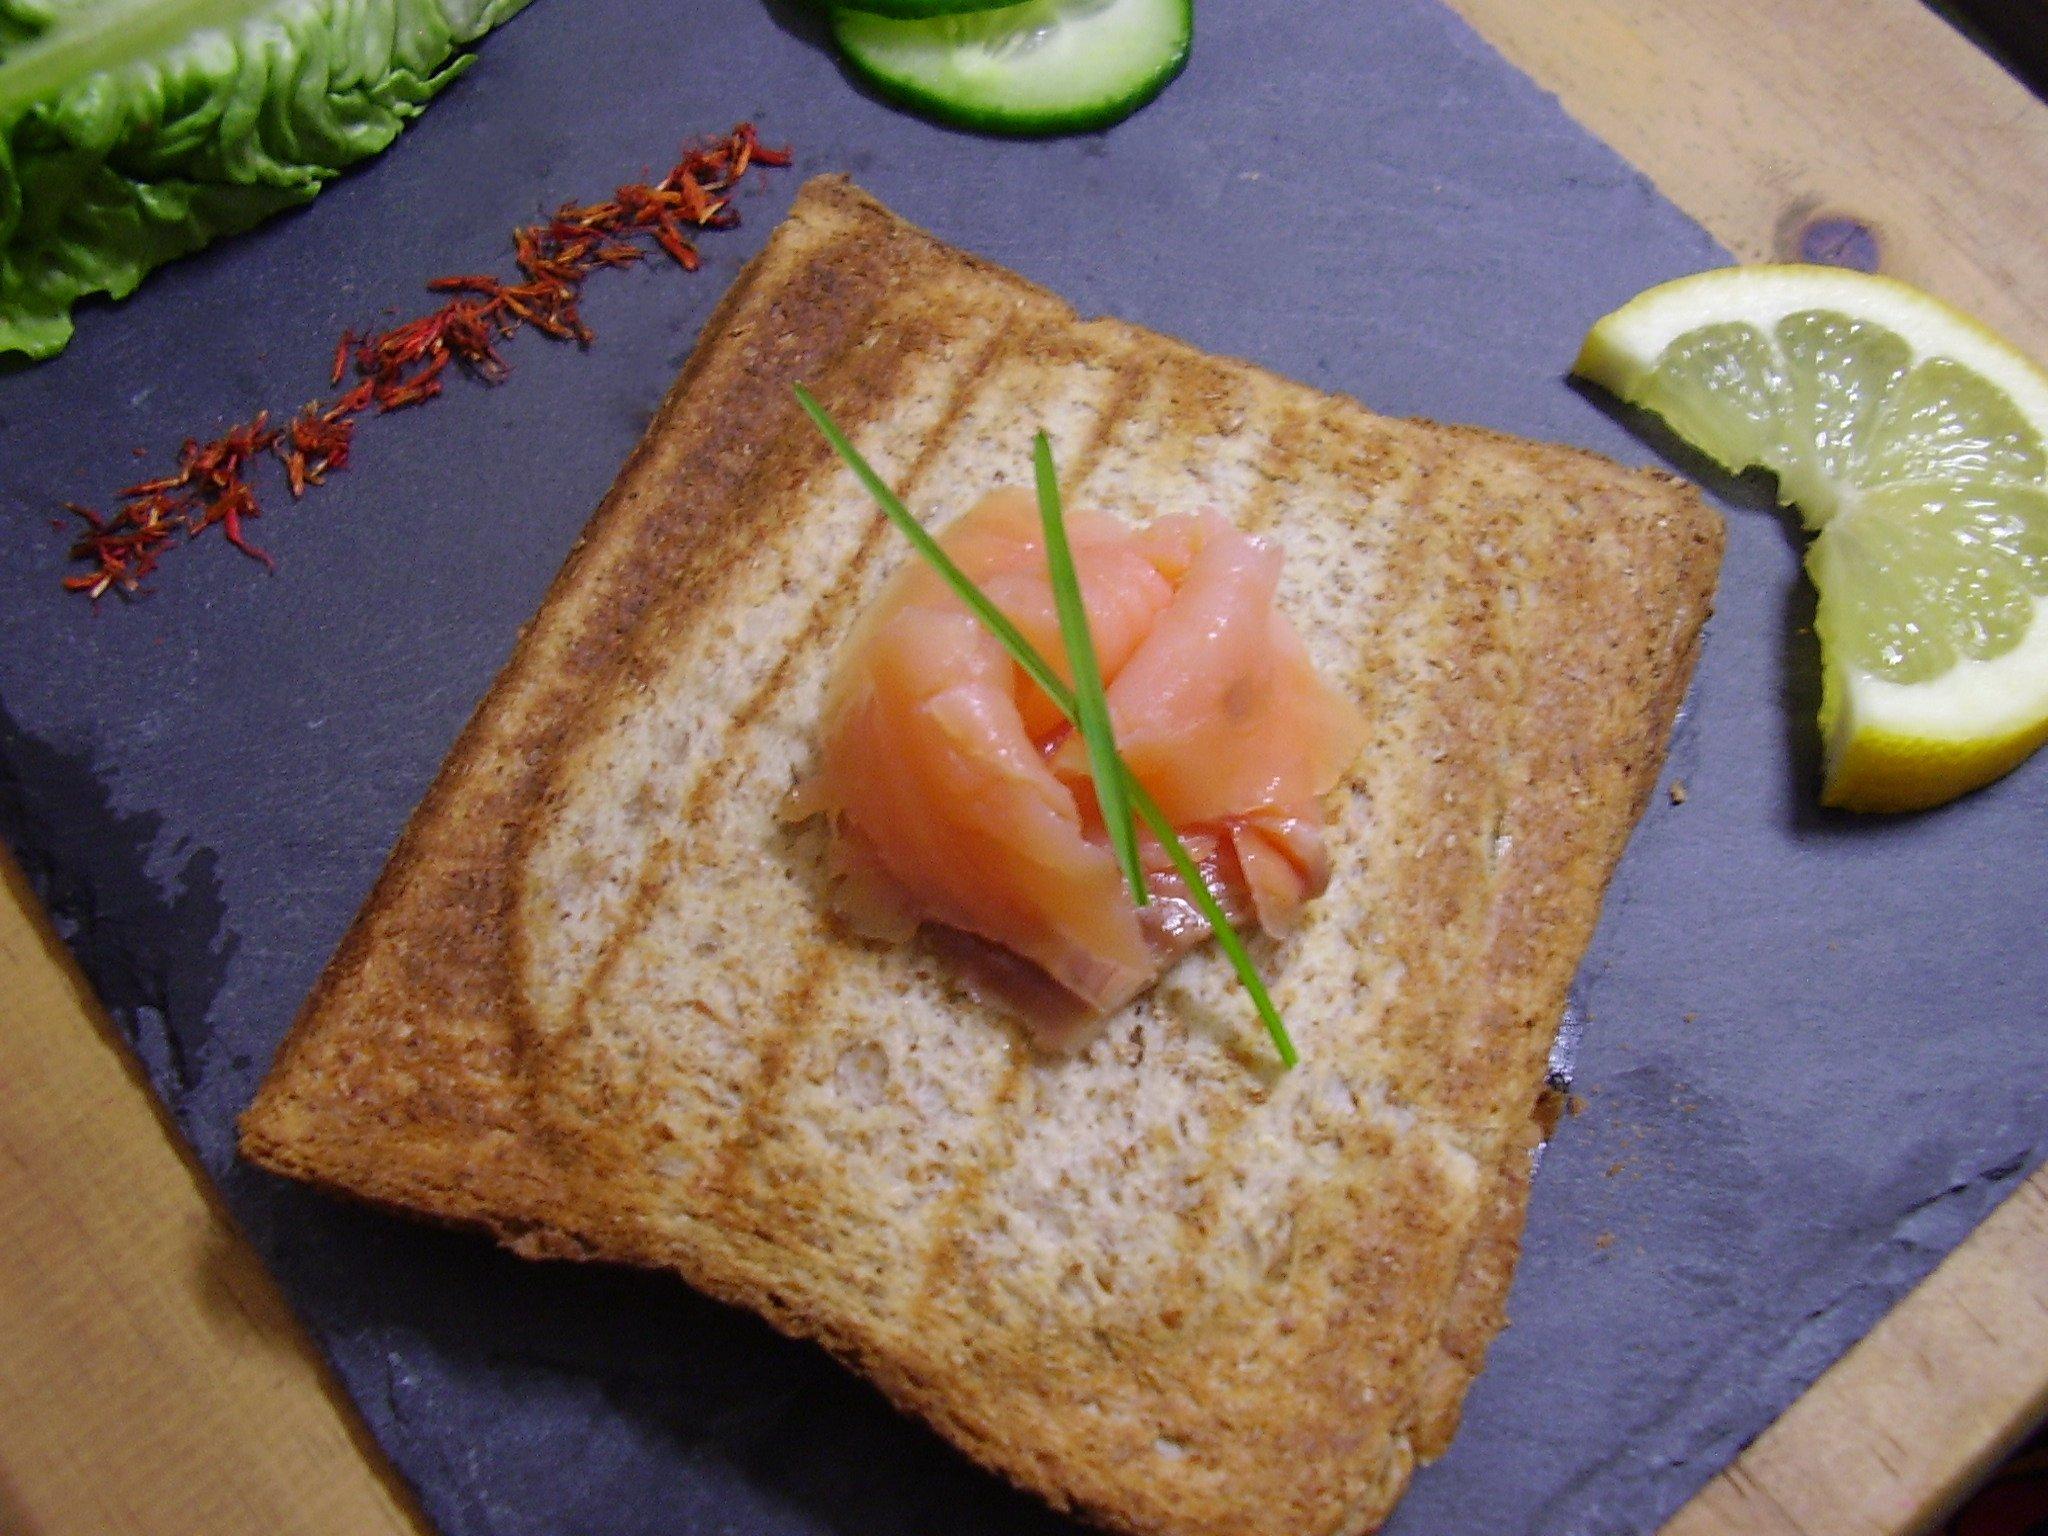 Croque au saumon et Granny Smith